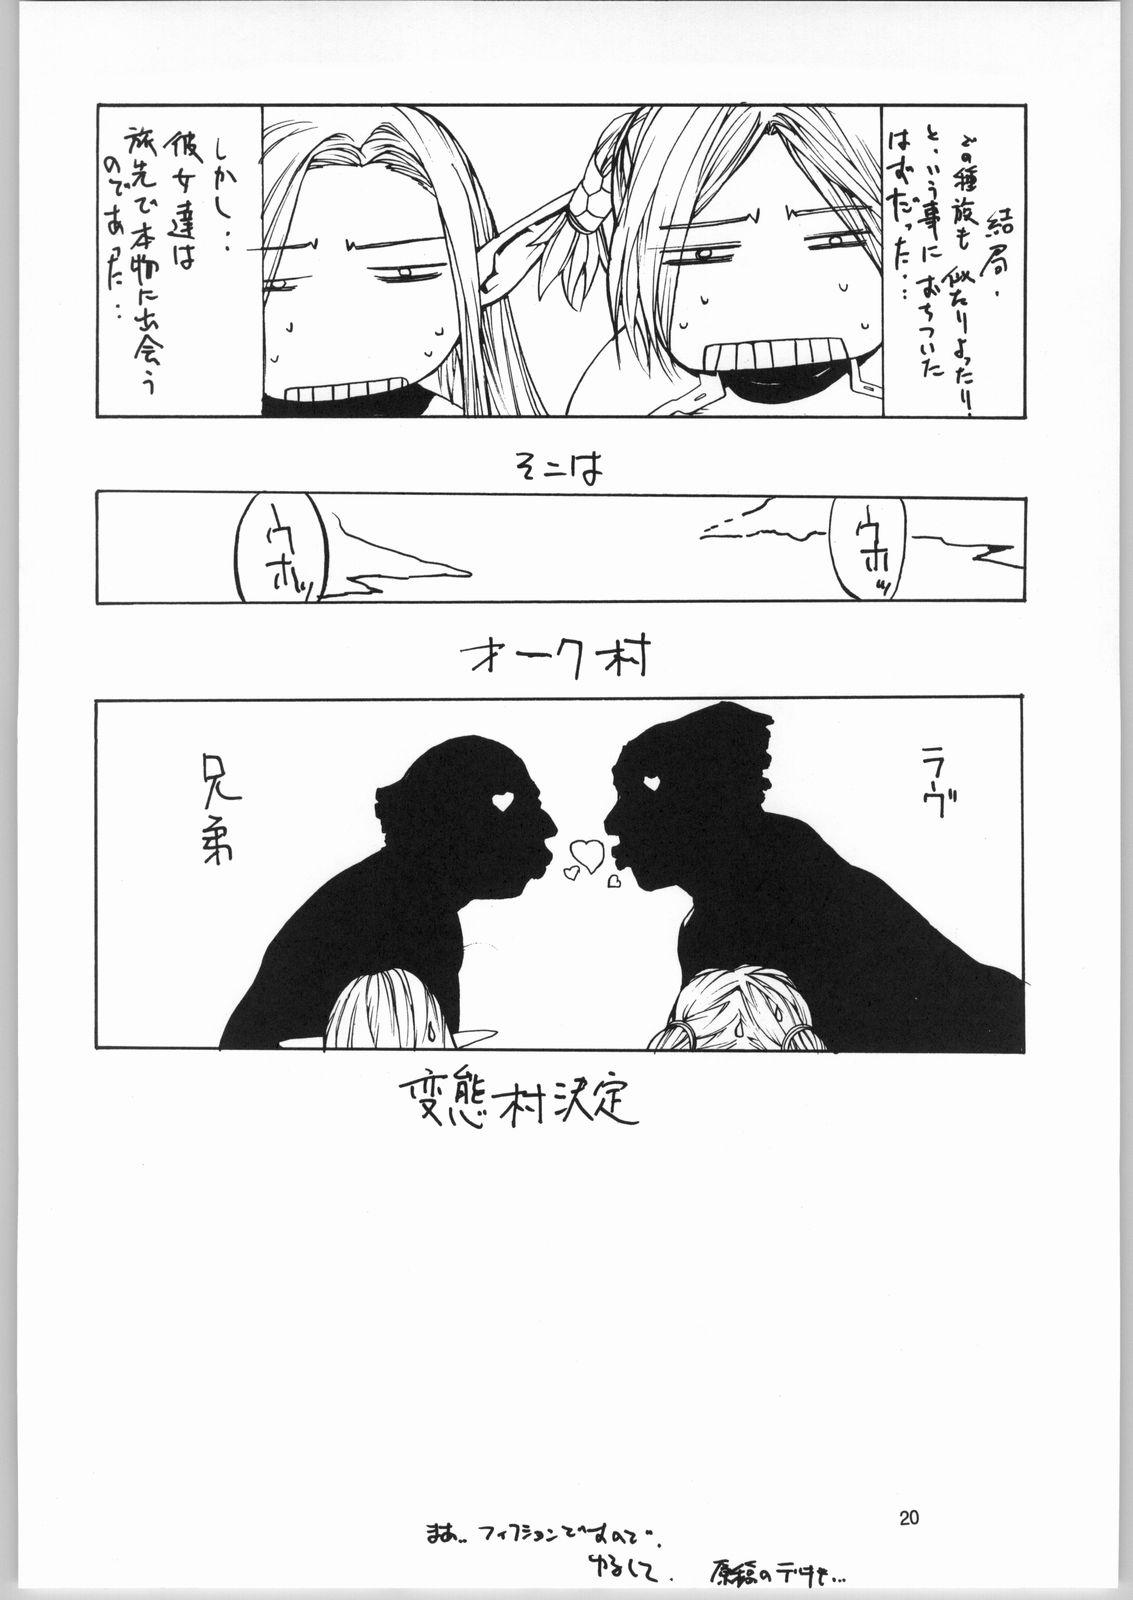 Suimasen Orezakunande Genkai Arimasu 20